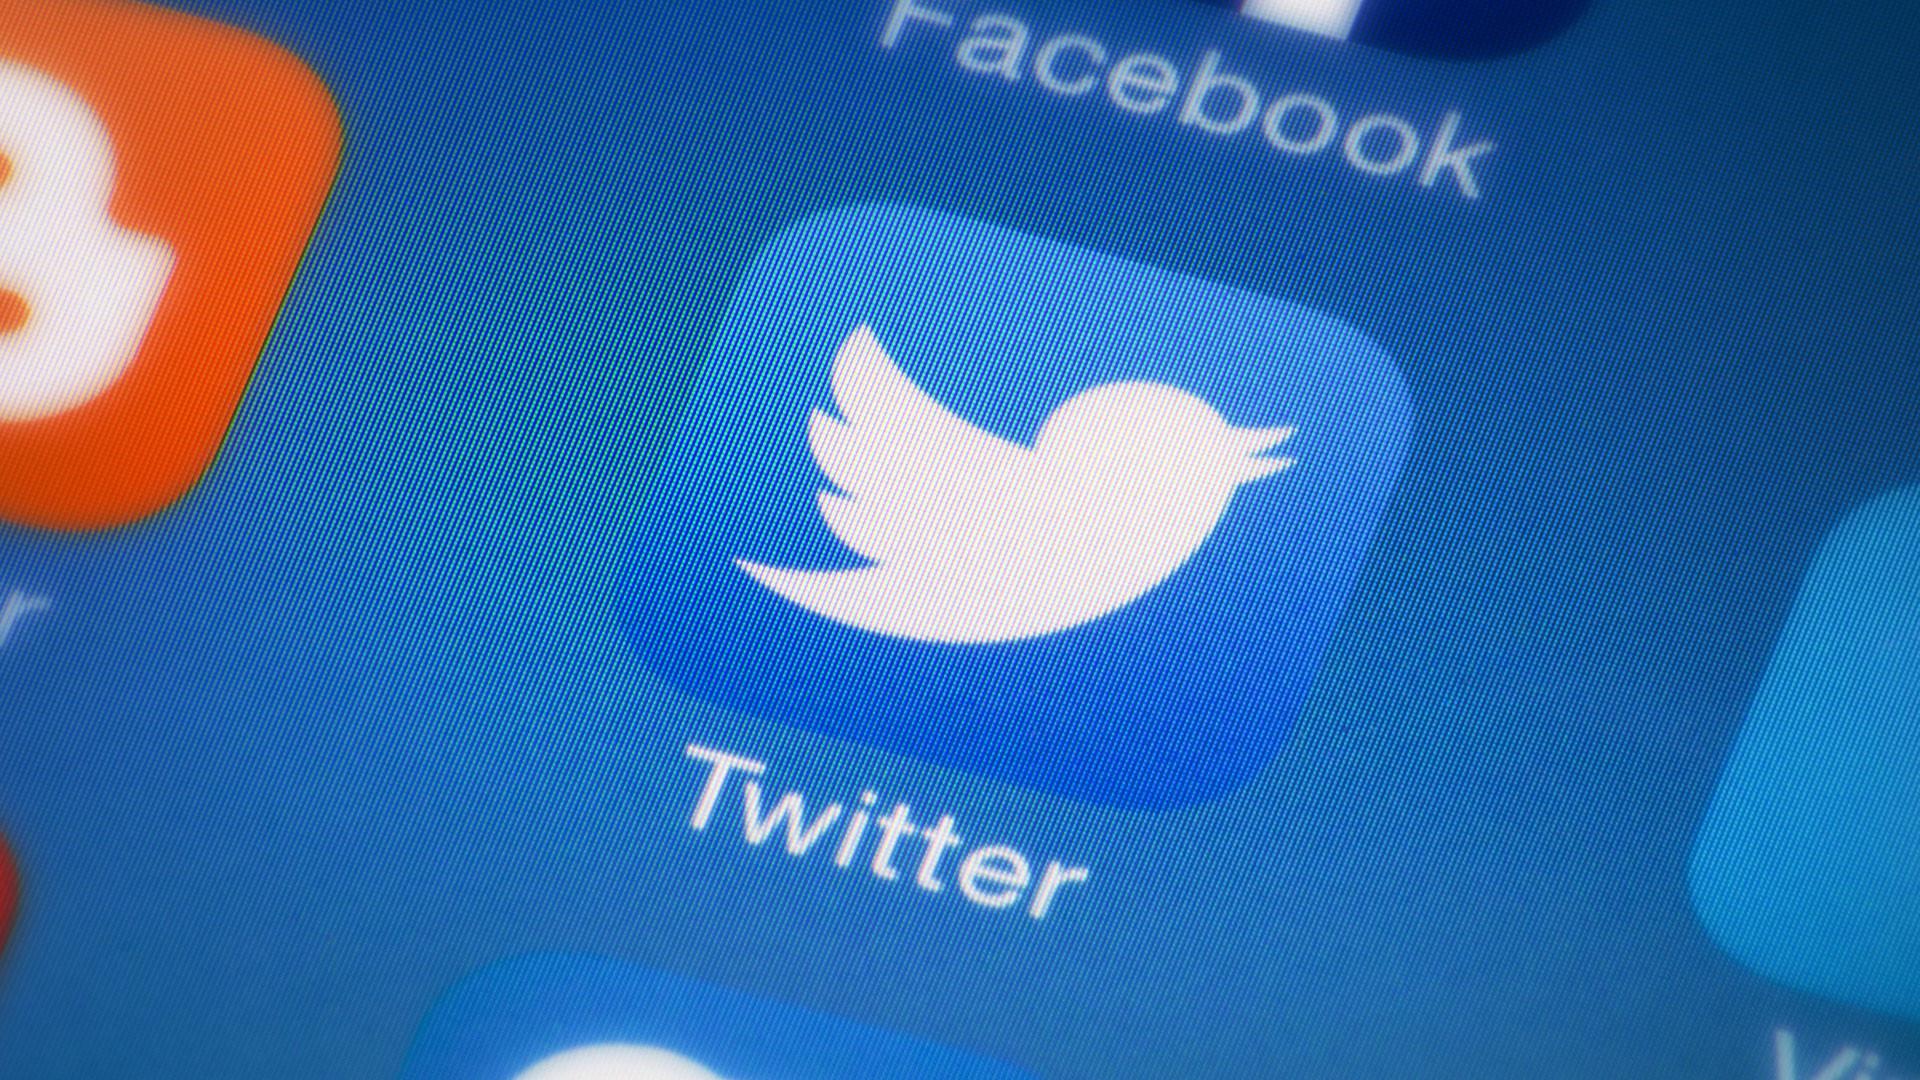 ट्वीटरले राजनीतिक विज्ञापनमा प्रतिबन्ध लगाउने